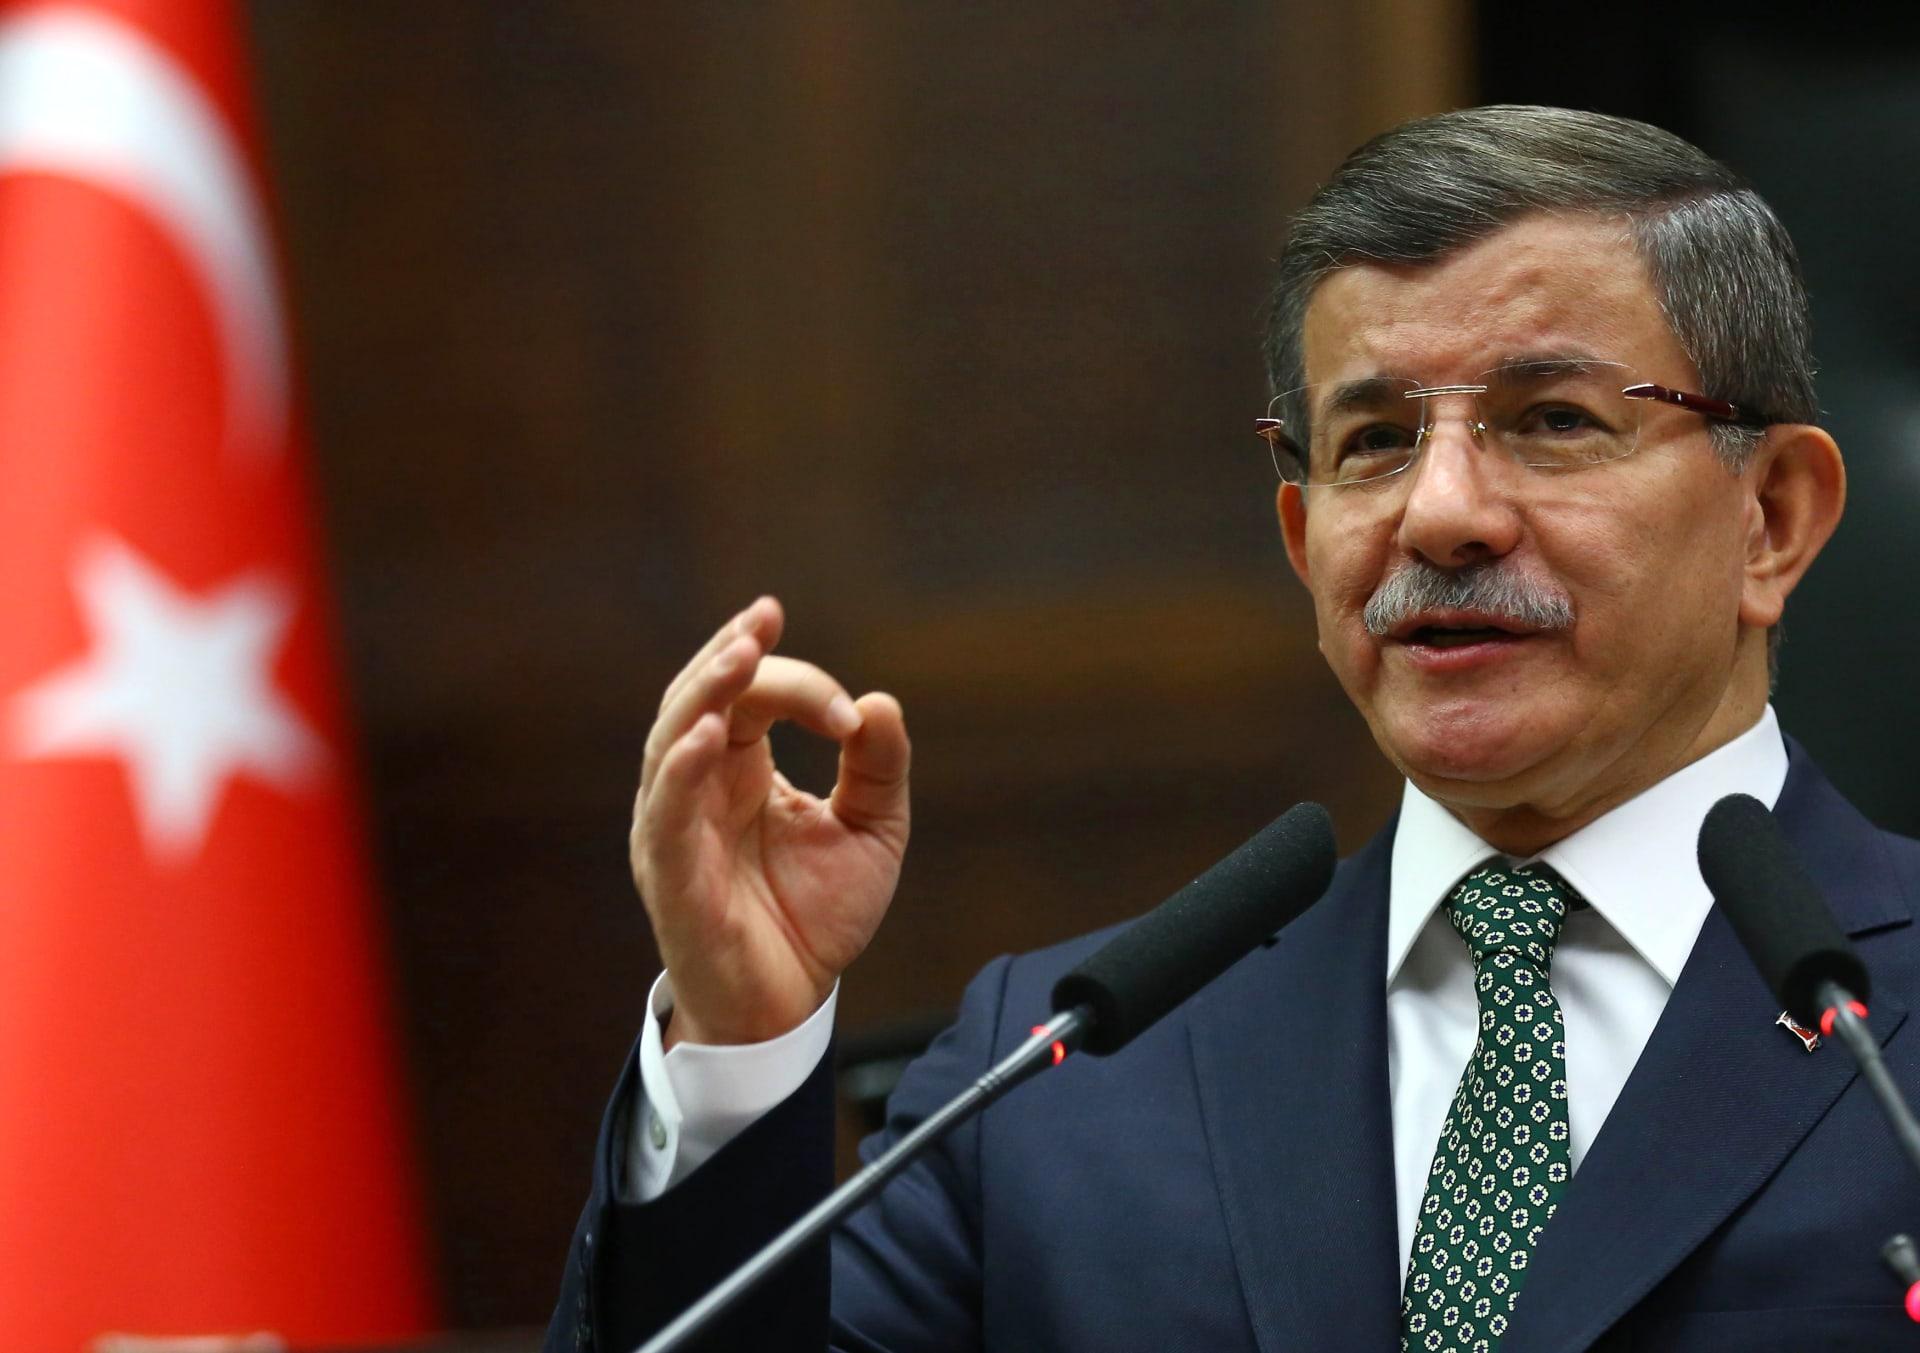 أوغلو: اتفاق وقف إطلاق النار بسوريا لا يُلزمنا.. ولن نستأذن من أحد للدفاع عن أمننا